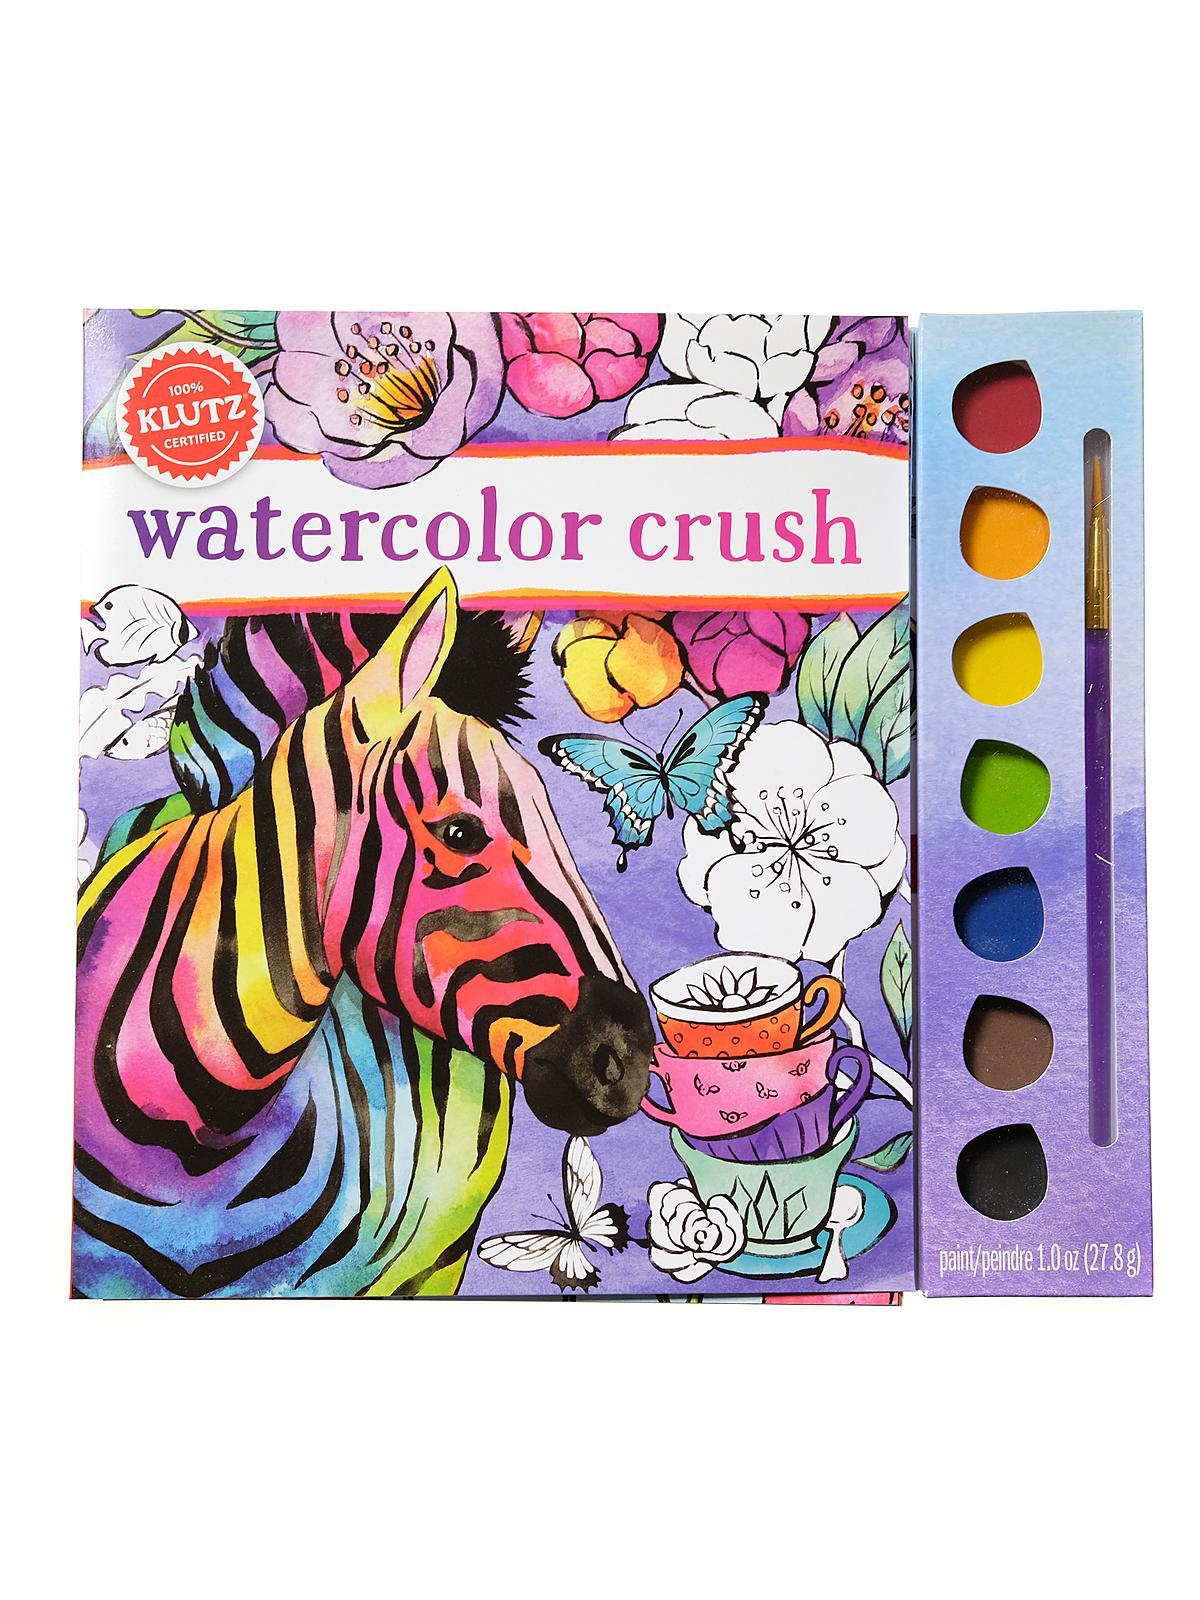 Watercolor Crush